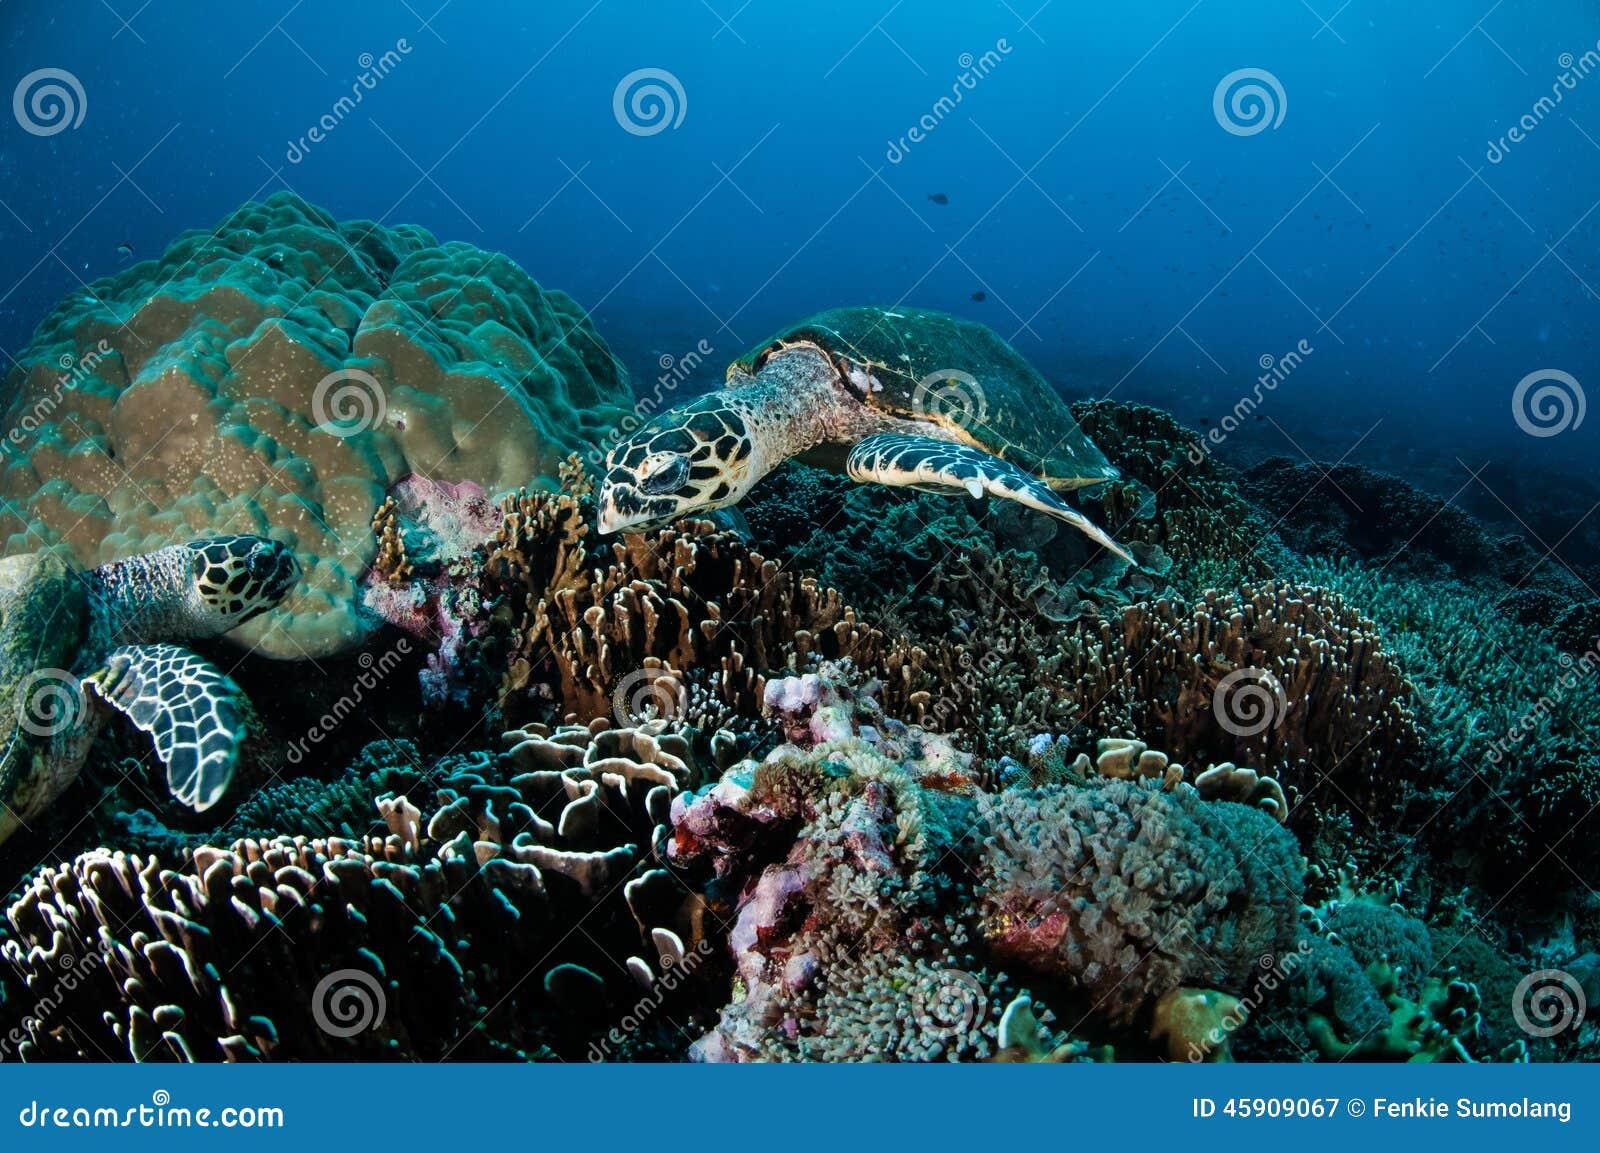 Natación de la tortuga de Hawksbill alrededor de los arrecifes de coral en Gili, Lombok, Nusa Tenggara Barat, foto subacuática de